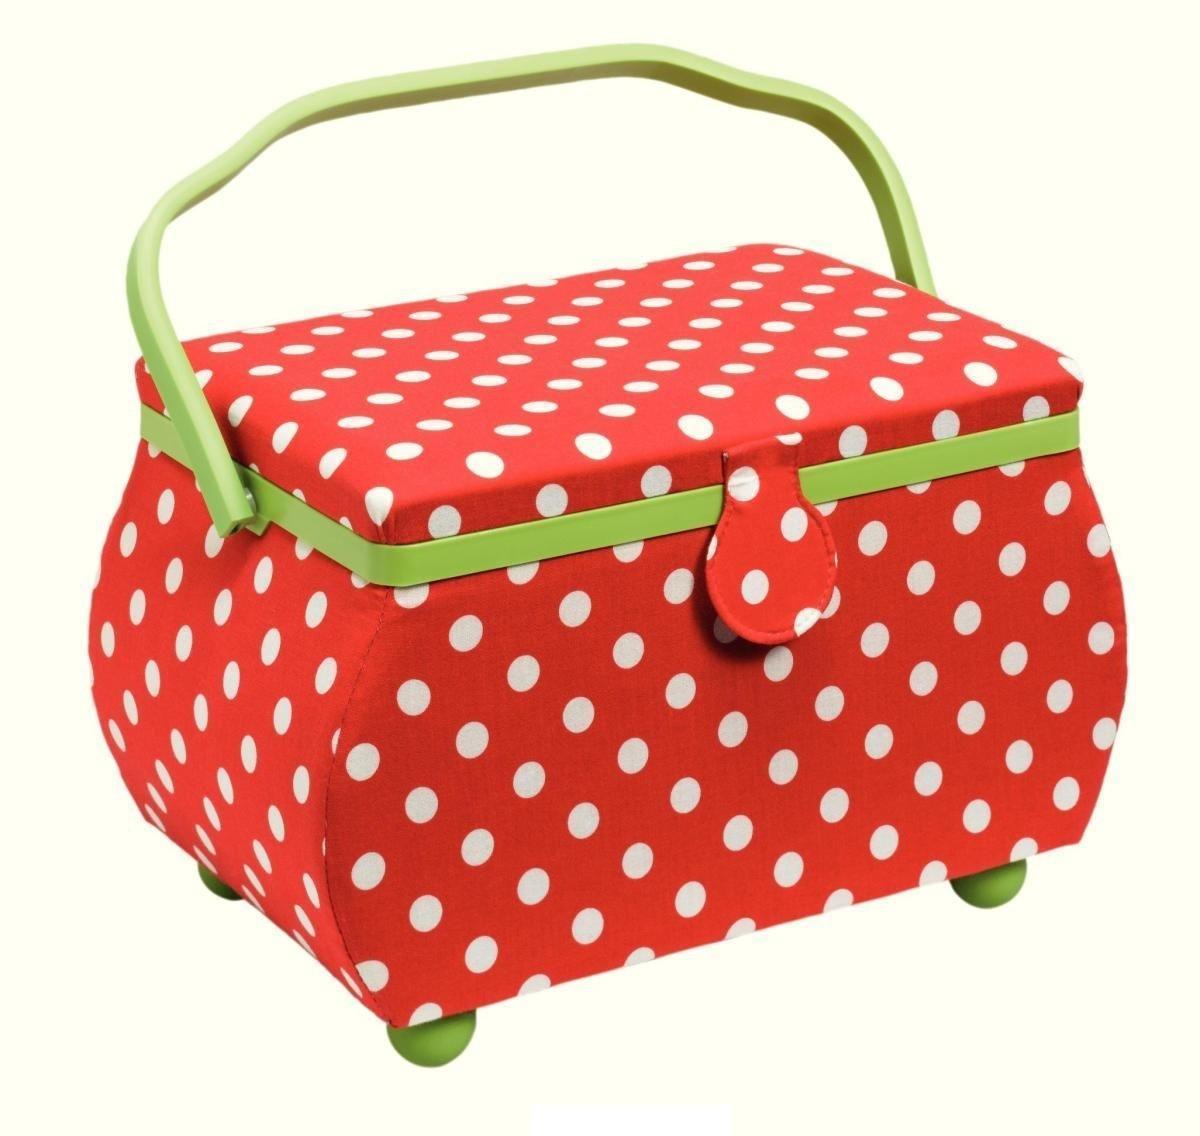 Шкатулка для рукоделия Polka dots (Горошек), цвет: красный, белый, зеленый, 32 см х 20,5 см х 20 см4002276122451Шкатулка для рукоделия в форме корзины. Выполнена в отличном дизайне с дуба темного цвета. Здесь вы можете хранить множество безделушек для своего любимого занятия. Отличный подарок на праздник для человека, которого вы любите и уважаете.